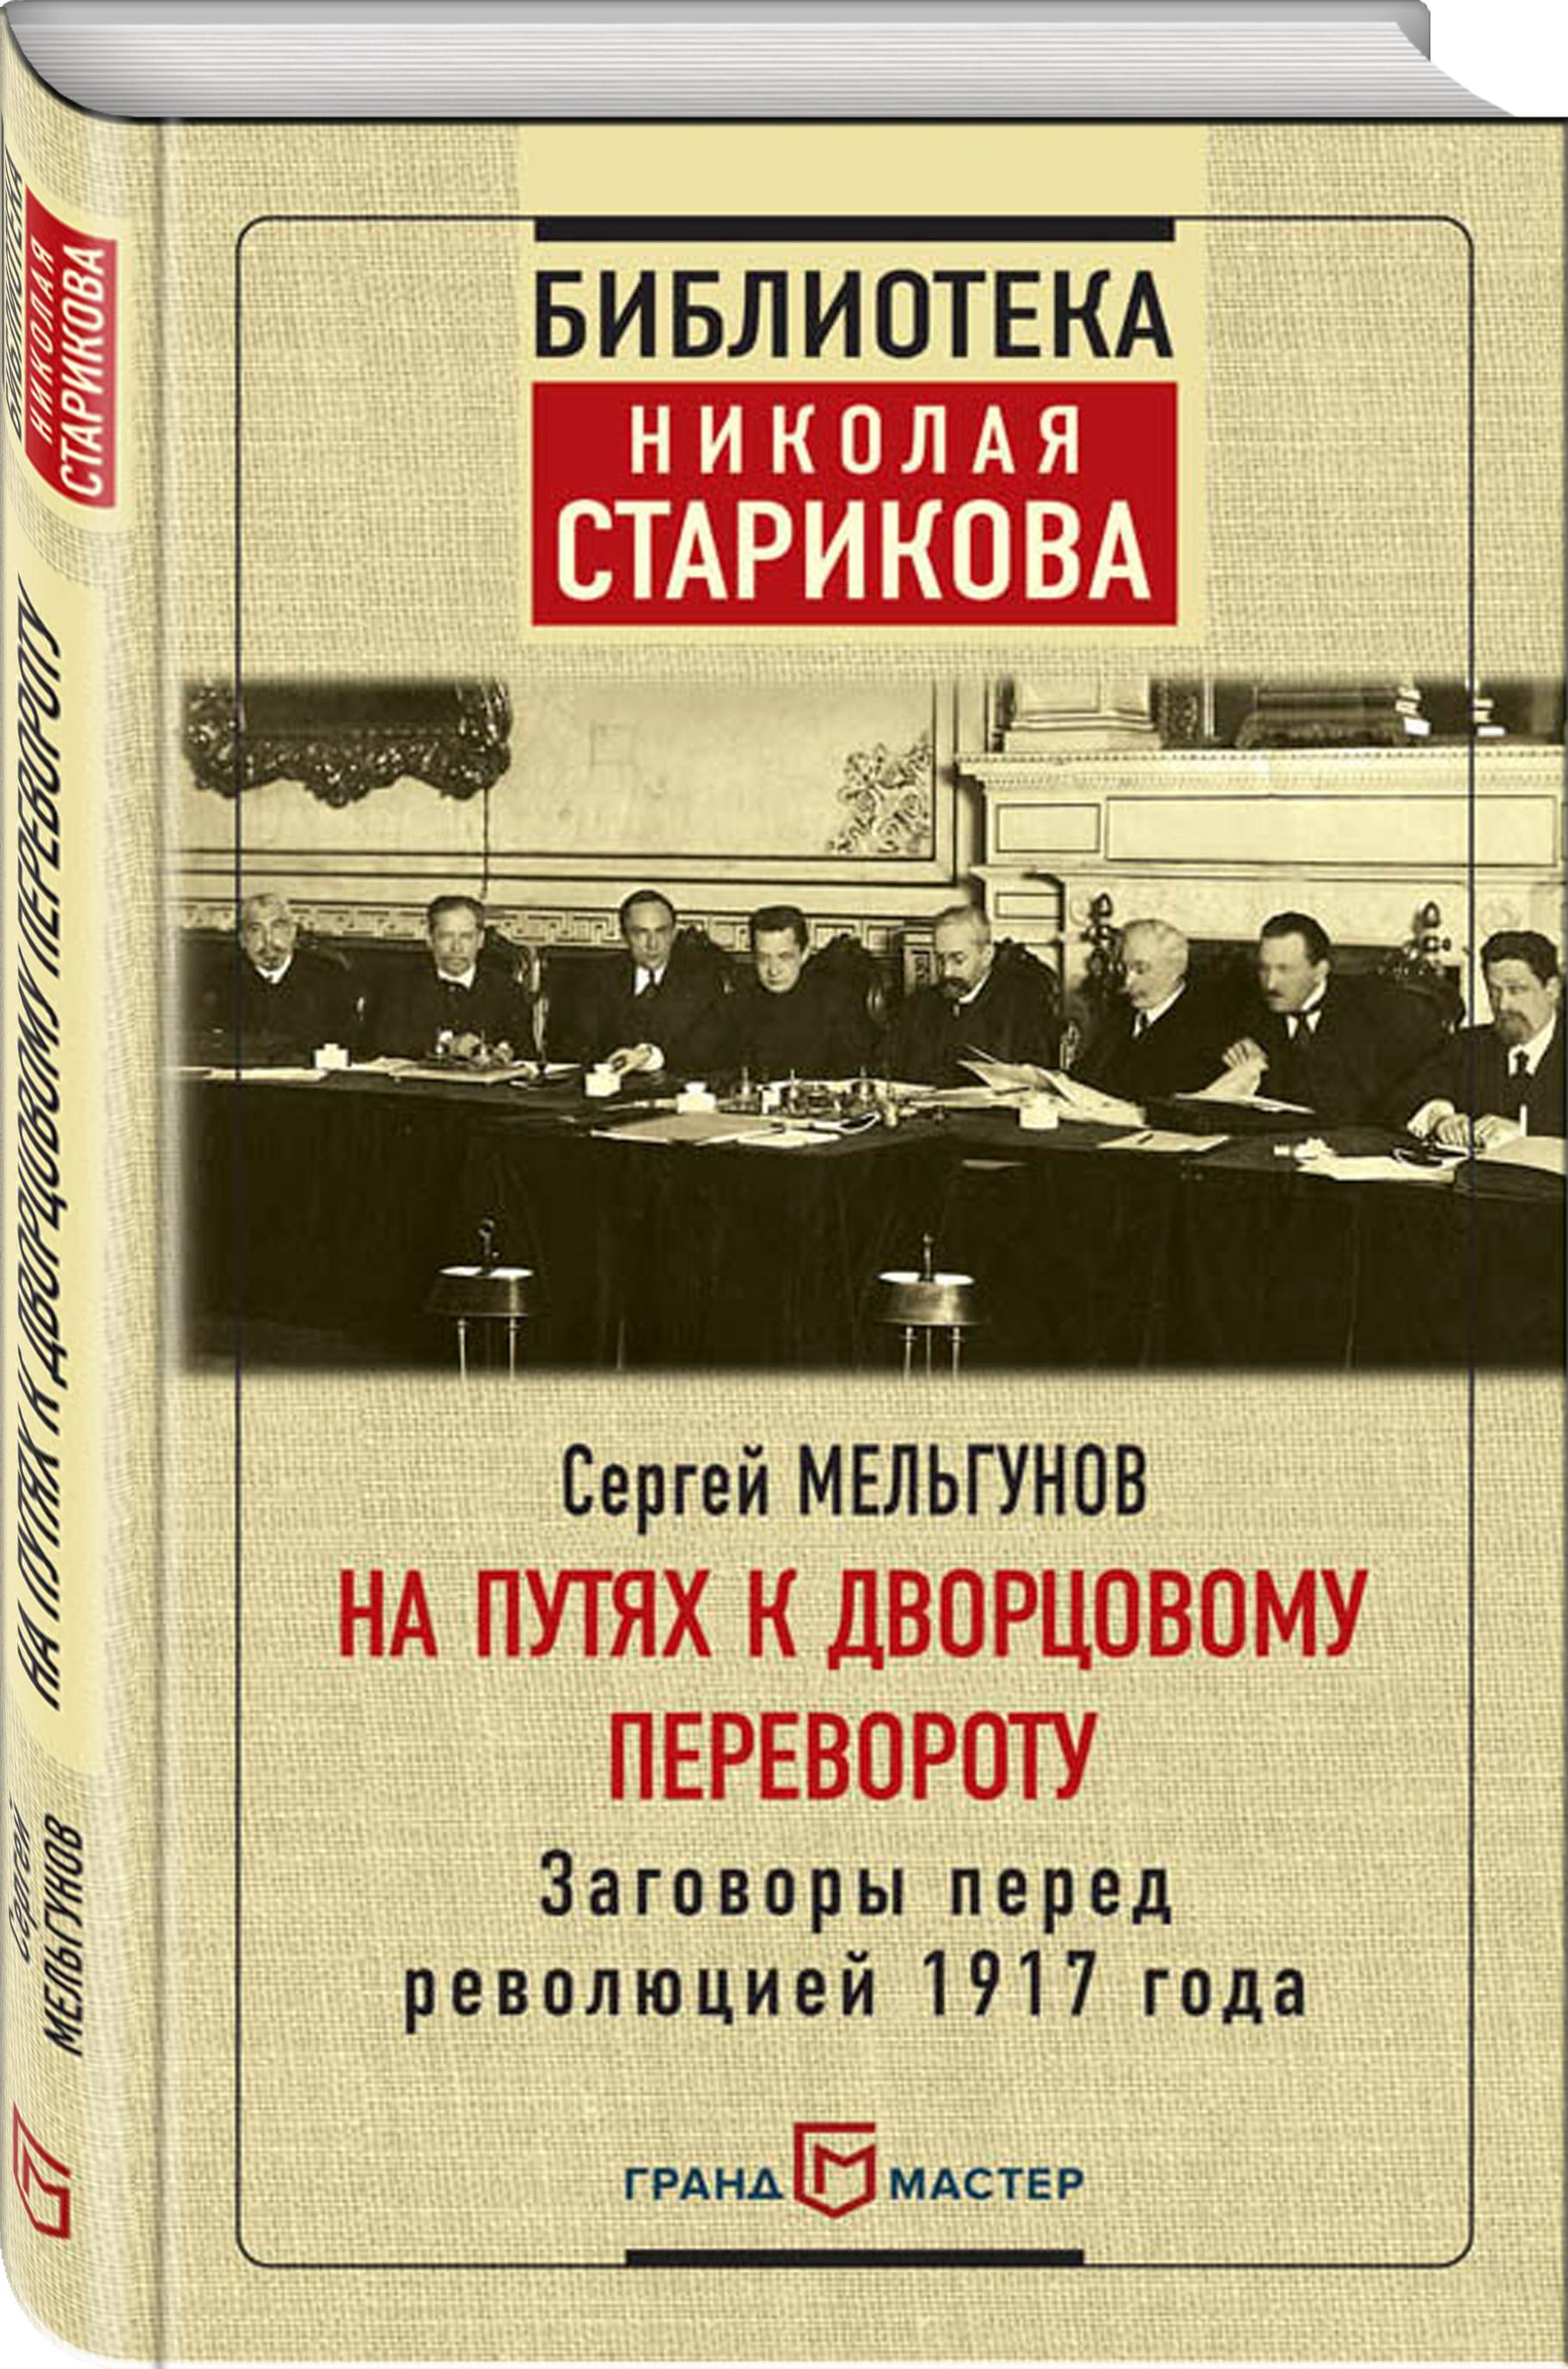 Мельгунов С.П. На путях к дворцовому перевороту мельгунов с мартовские дни 1917 года